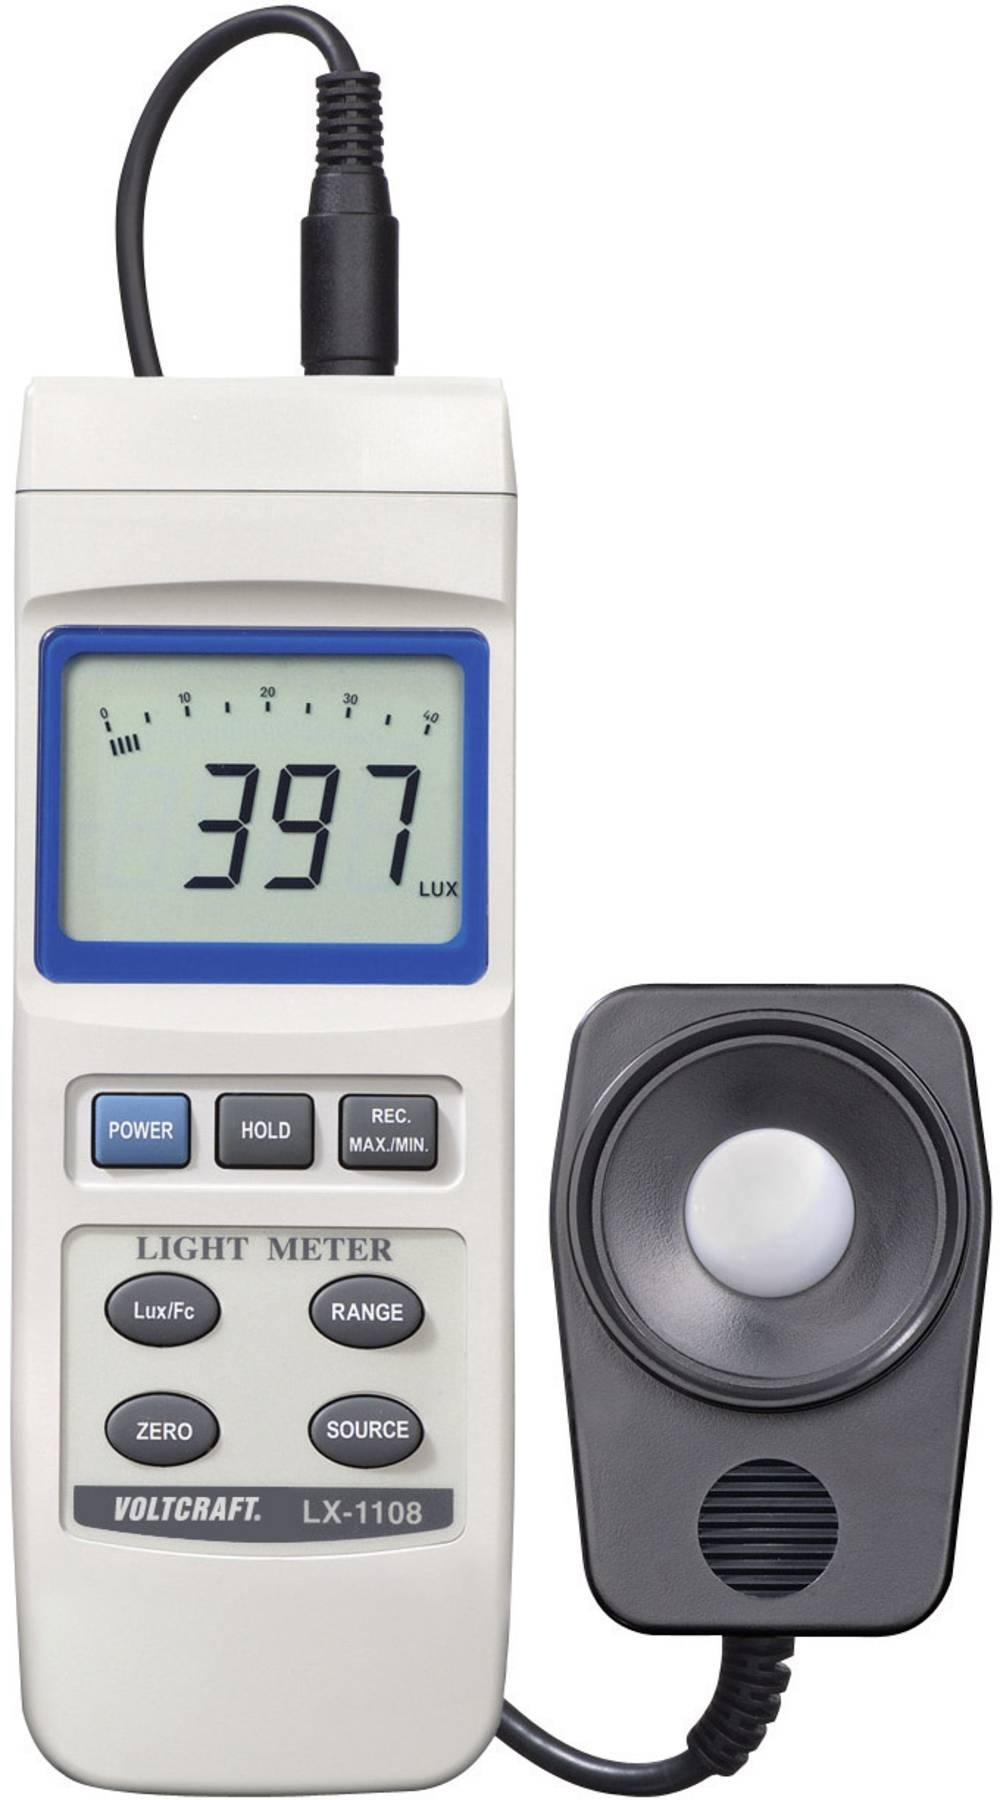 VOLTCRAFT® LX-1108 luksmeter,merilnik svetilnosti, merilnik osvetlitve 0 - 400000 lx